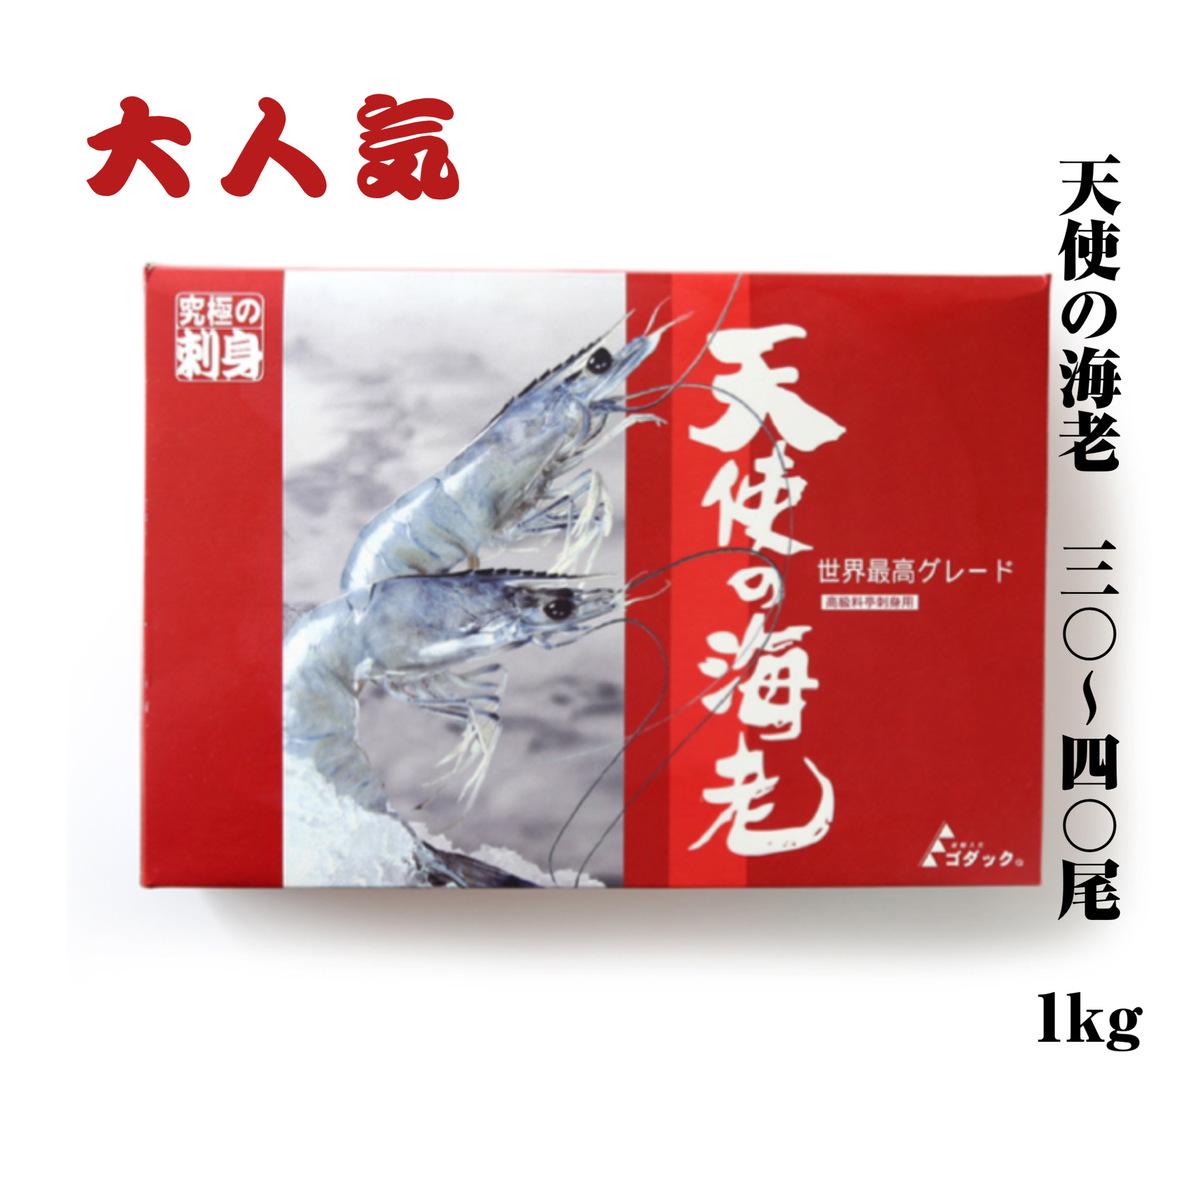 今ダケ送料無料 通信販売 他の海老に比べアミノ酸の含有量が高く 旨味と甘味がずば抜けているのが特徴です 天使の海老 1kg 30~40尾 ニューカレドニア産 海老 えび しゃぶしゃぶ 刺身 エビフライ 生食 天ぷら BBQ エビ